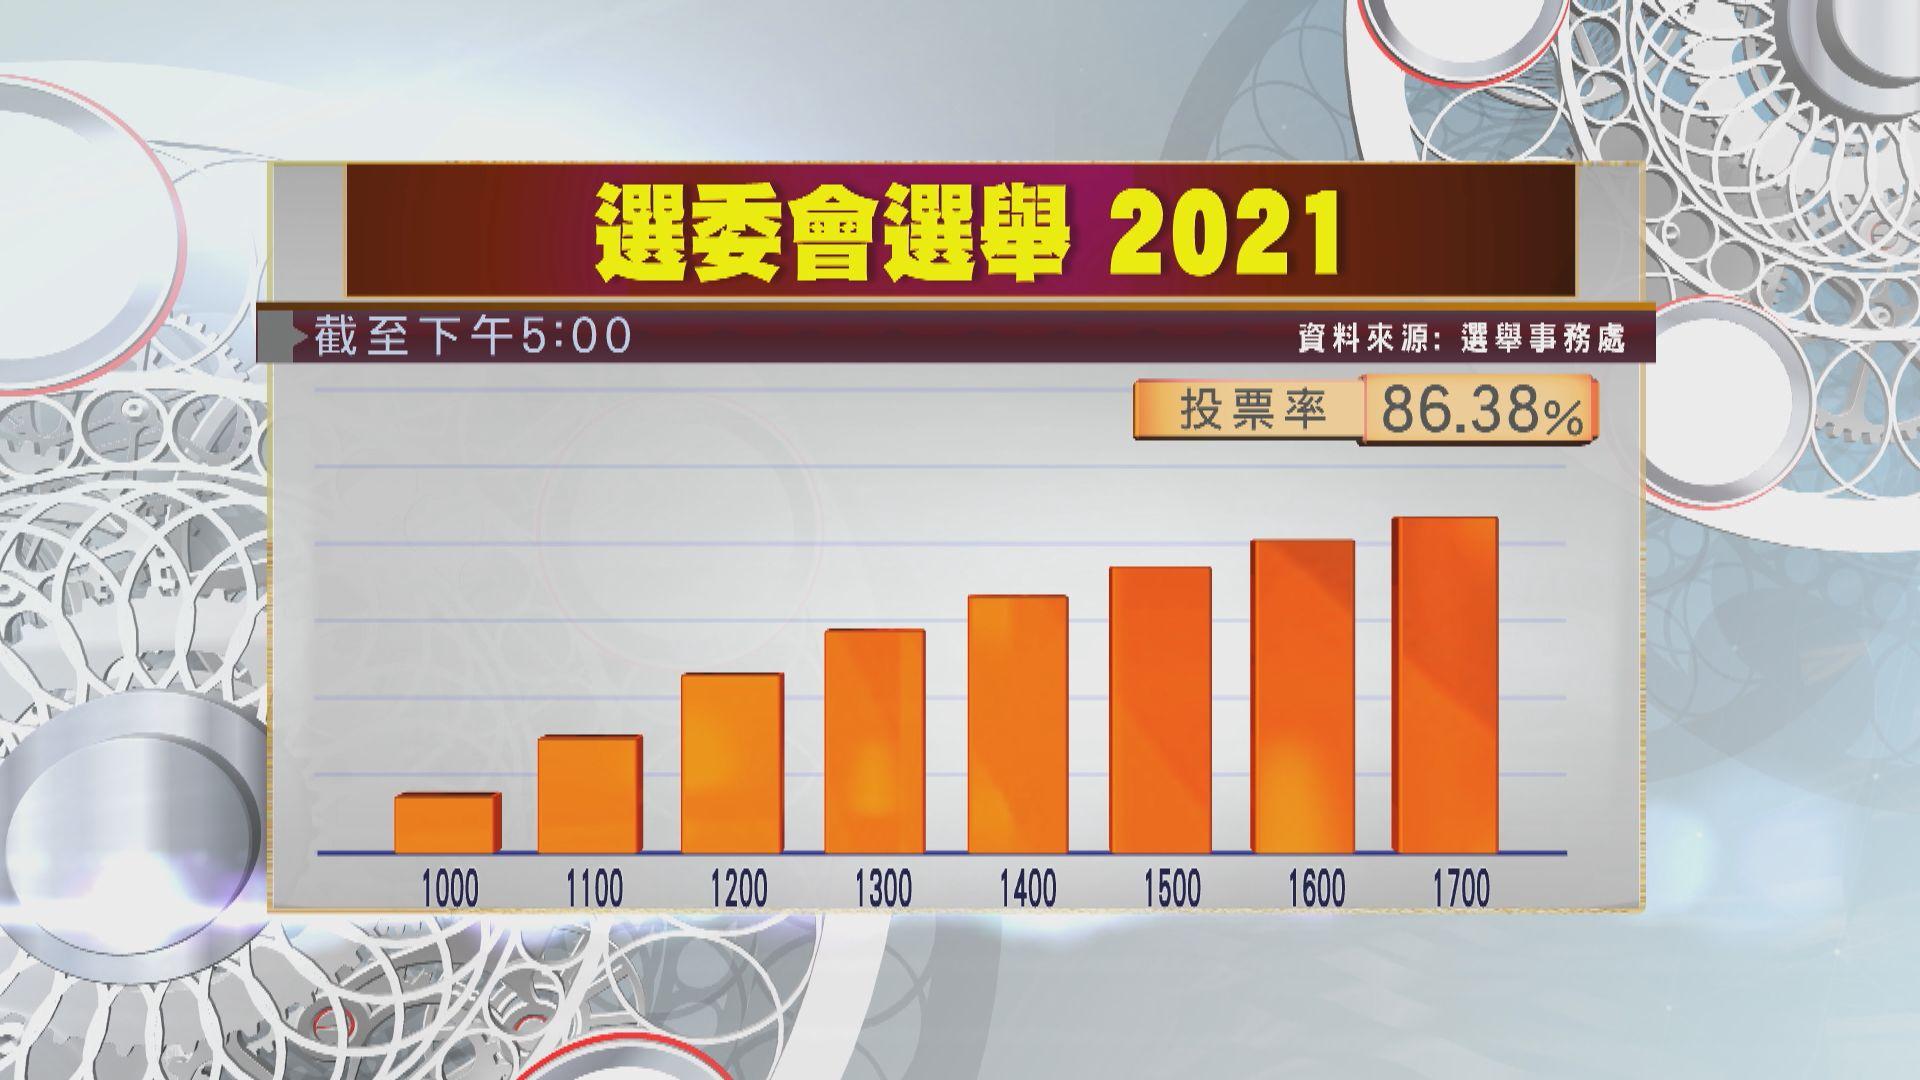 【選委會選舉】截至下午5時投票率約八成六 超過上屆